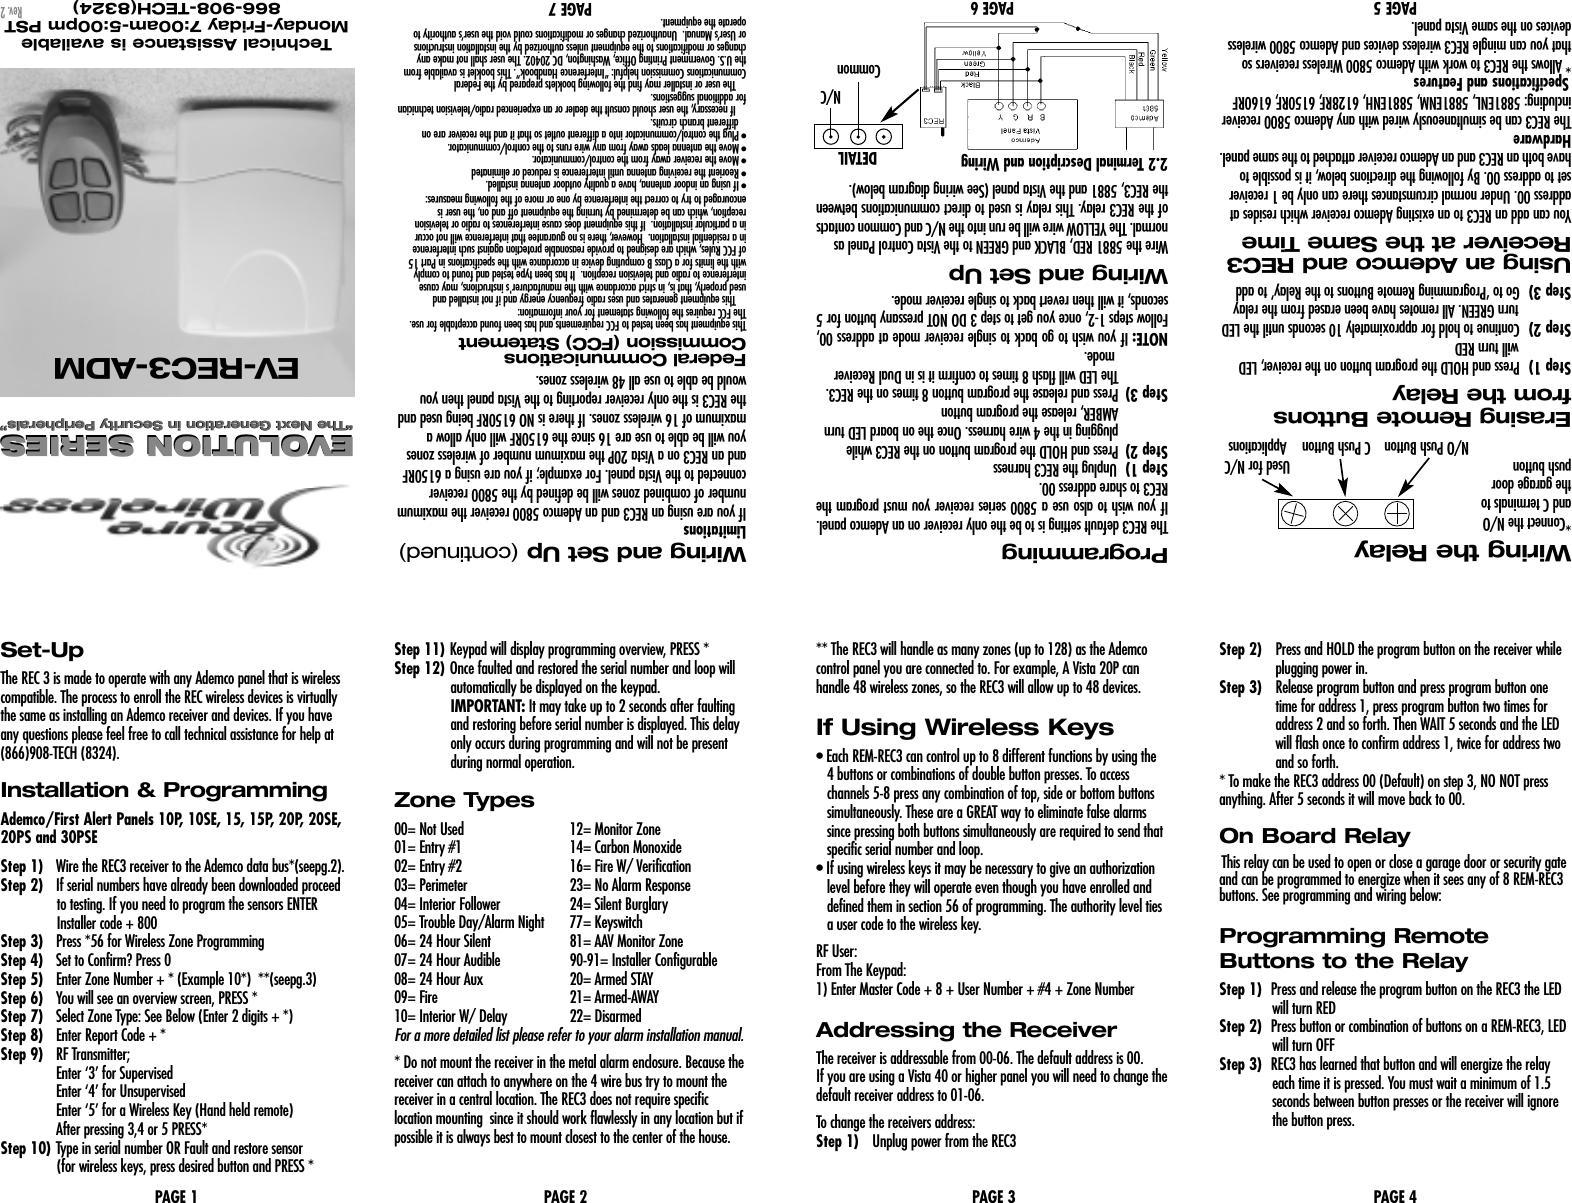 Ebay Motors Security Center Manual Guide